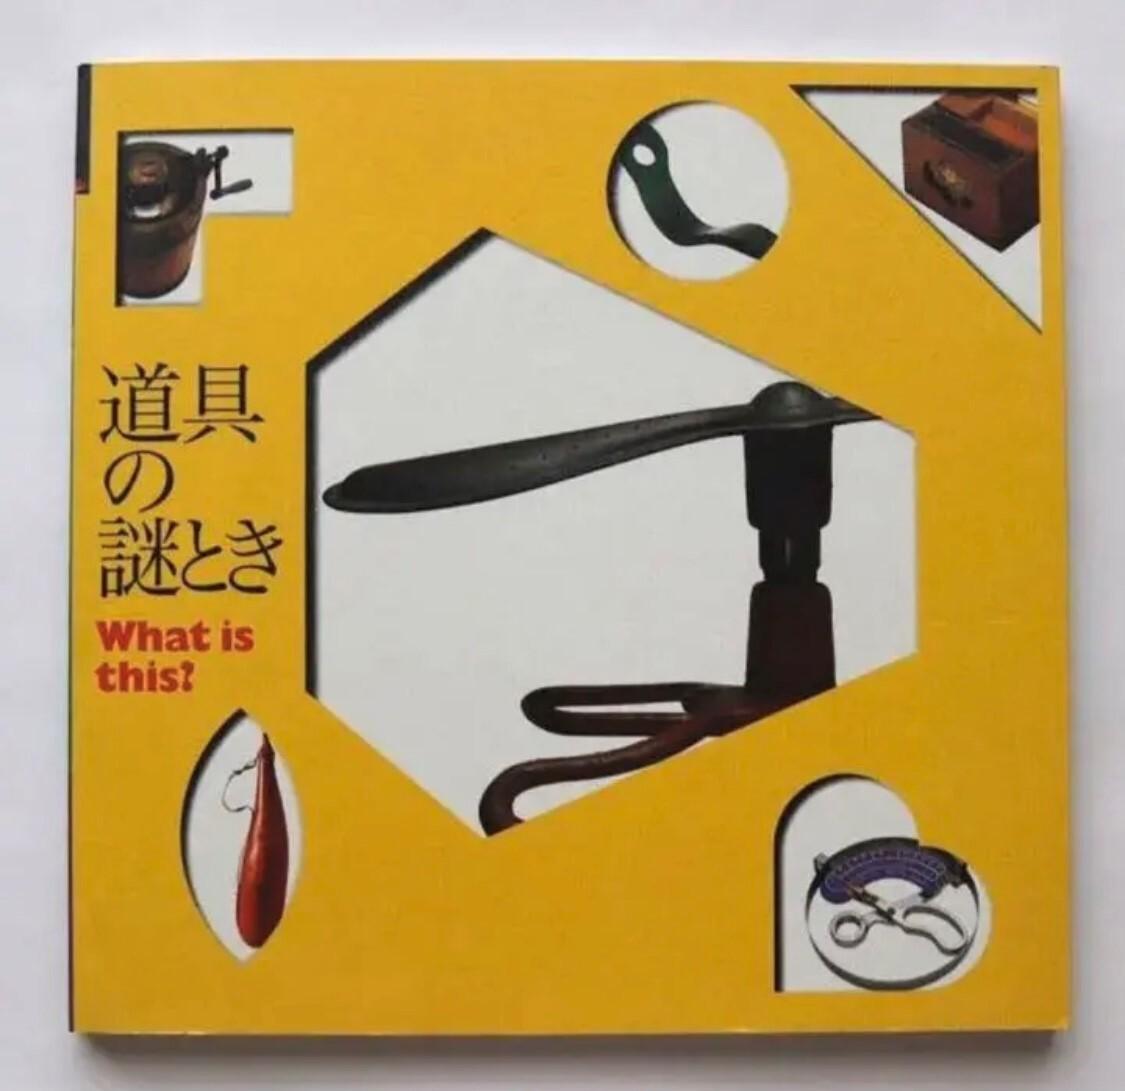 道具の謎とき What is this?  /  柏木博 (著), 小林繁樹 (著) 林丈二 (著) / イナックスブックレット